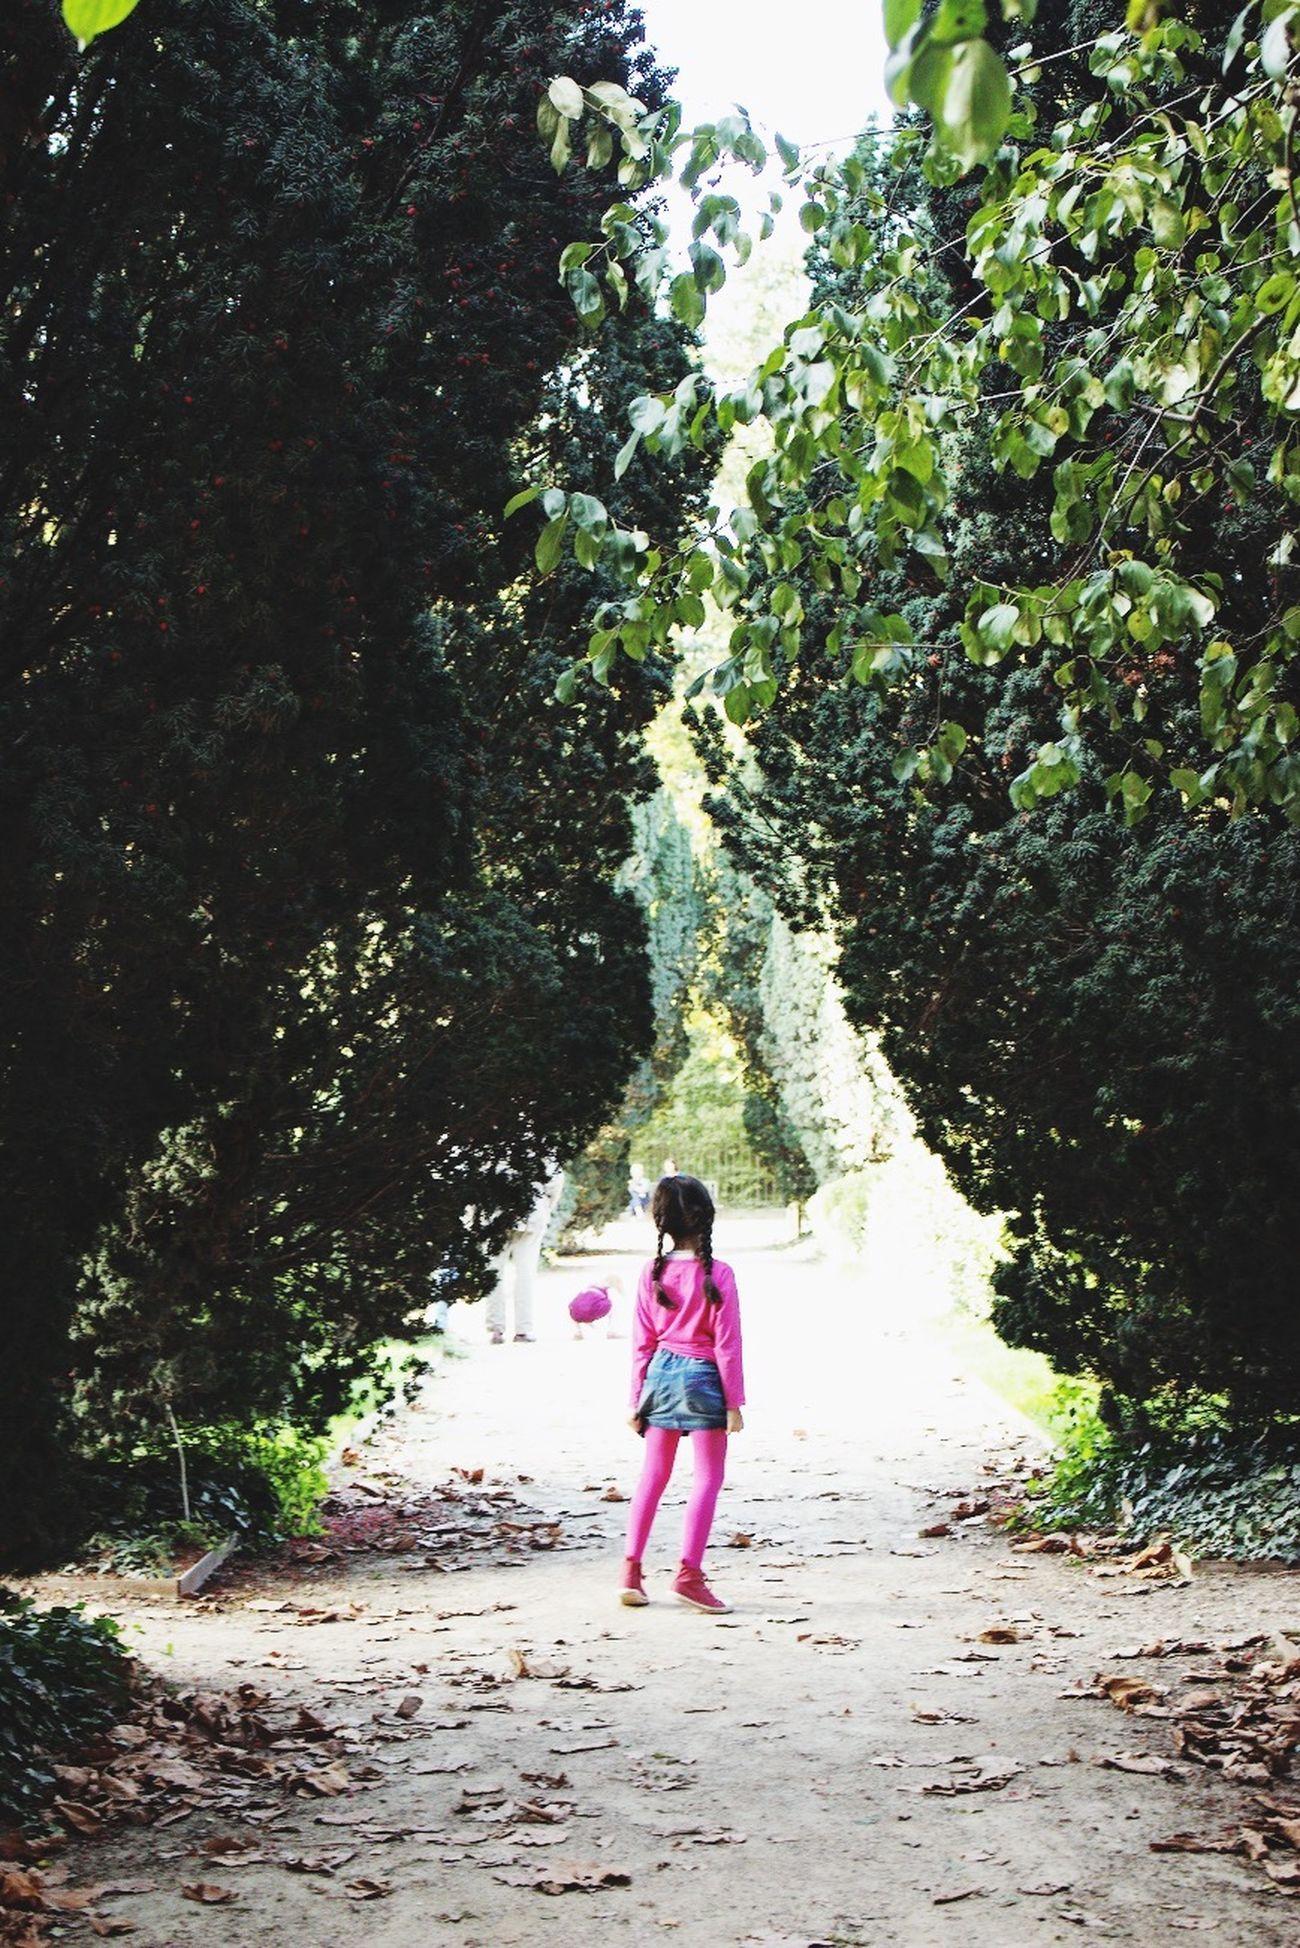 Elyssa au pays imaginaire Shootermag Jardin Des Plantes  Nature Paris